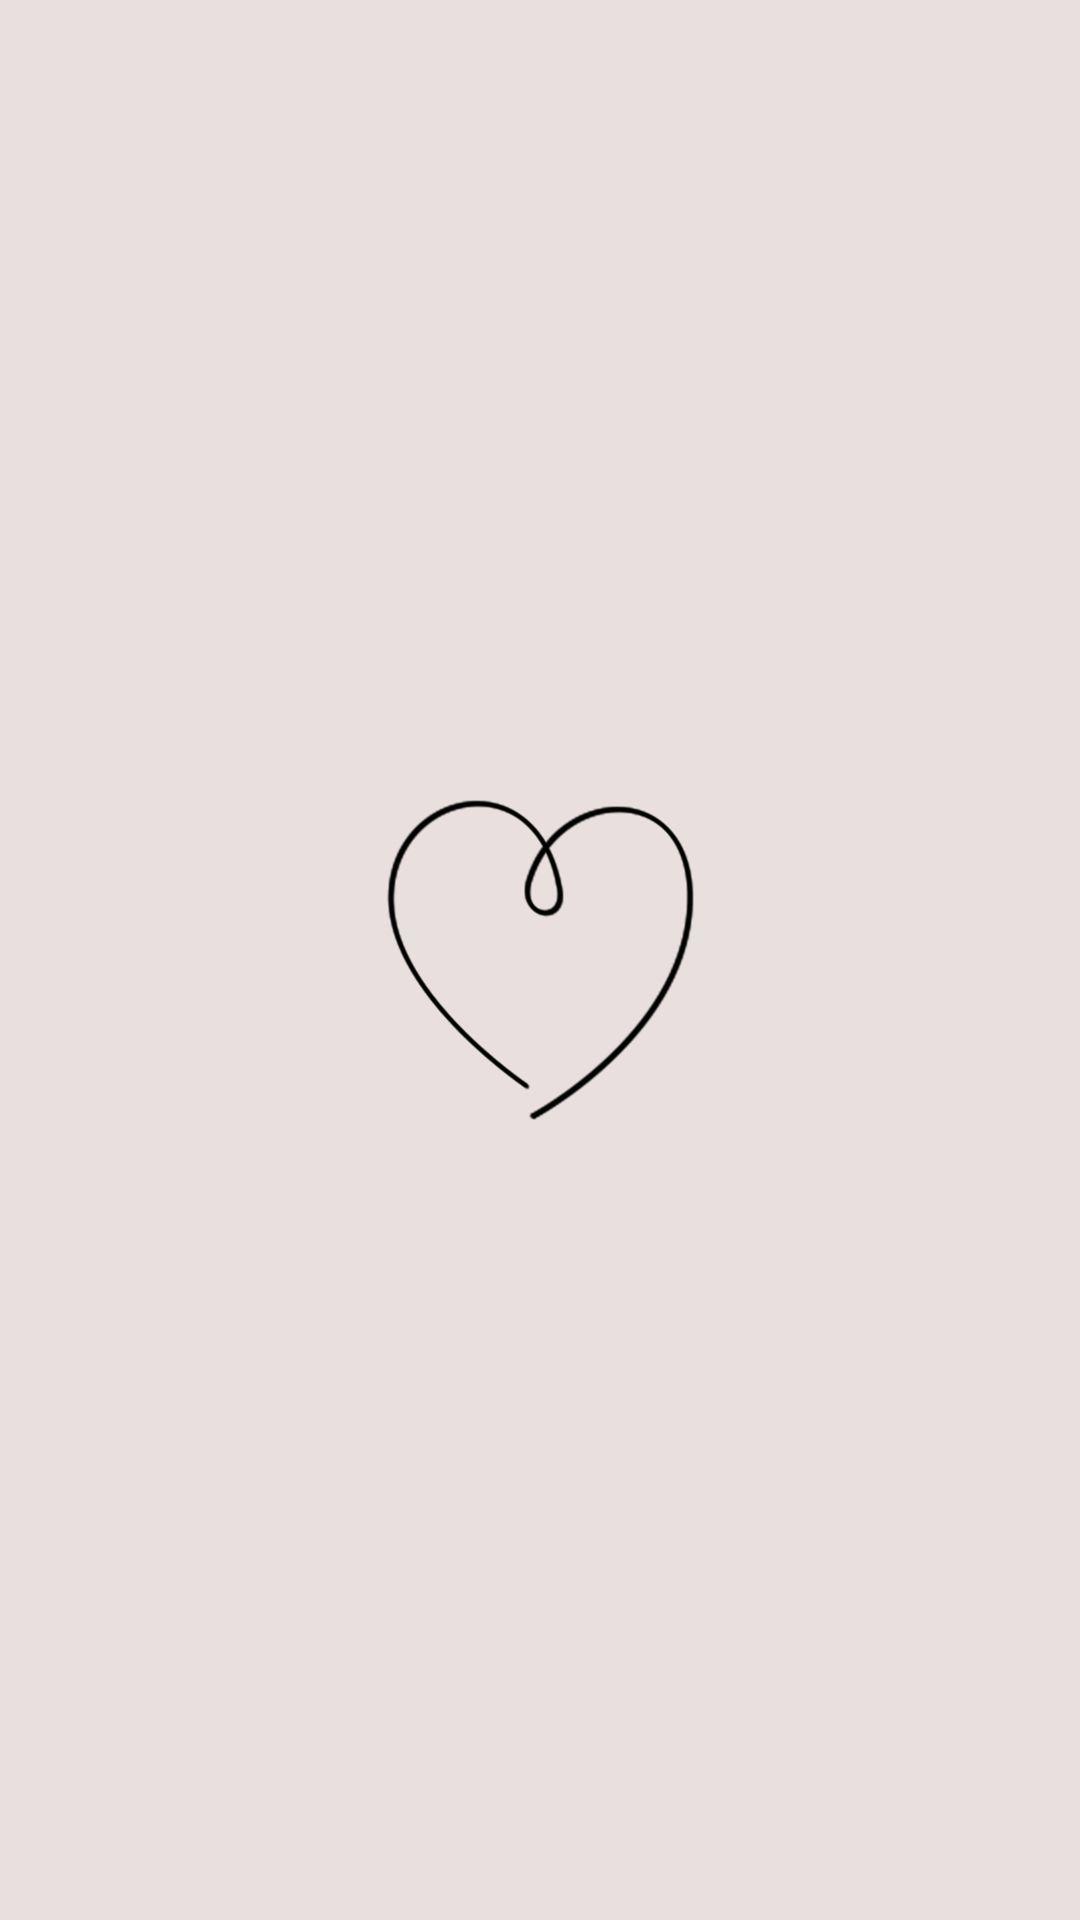 hyvä laatu koko perheelle aito laatu instagram highlight covers, instagram highlight covers free ...